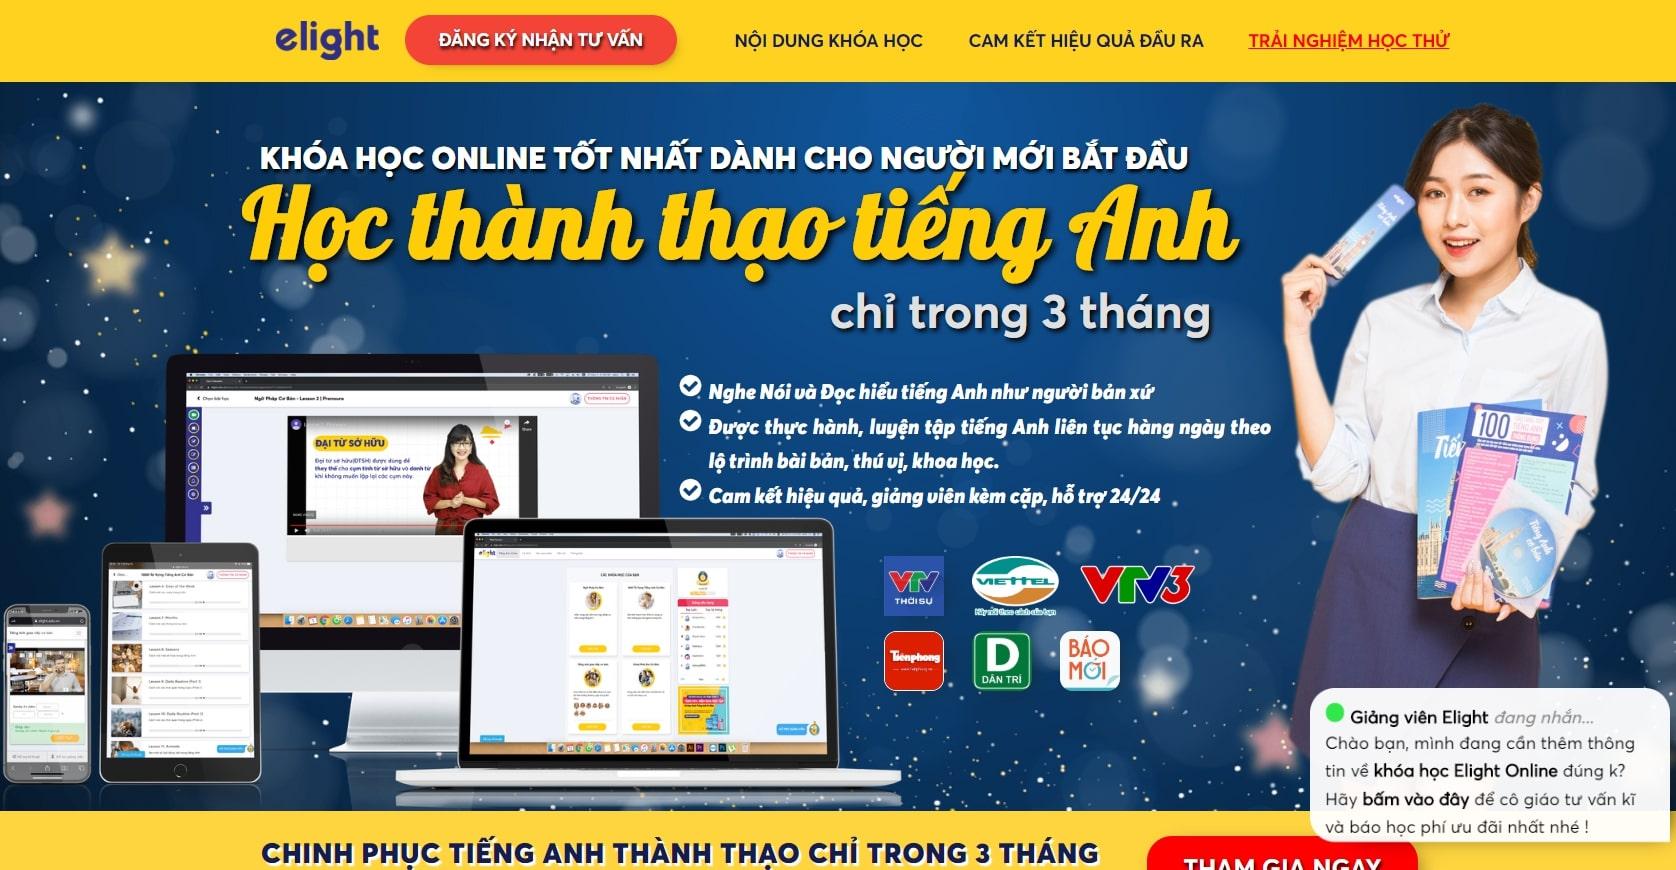 Elight Learning English - website học tiếng Anh được nhiều bạn theo học